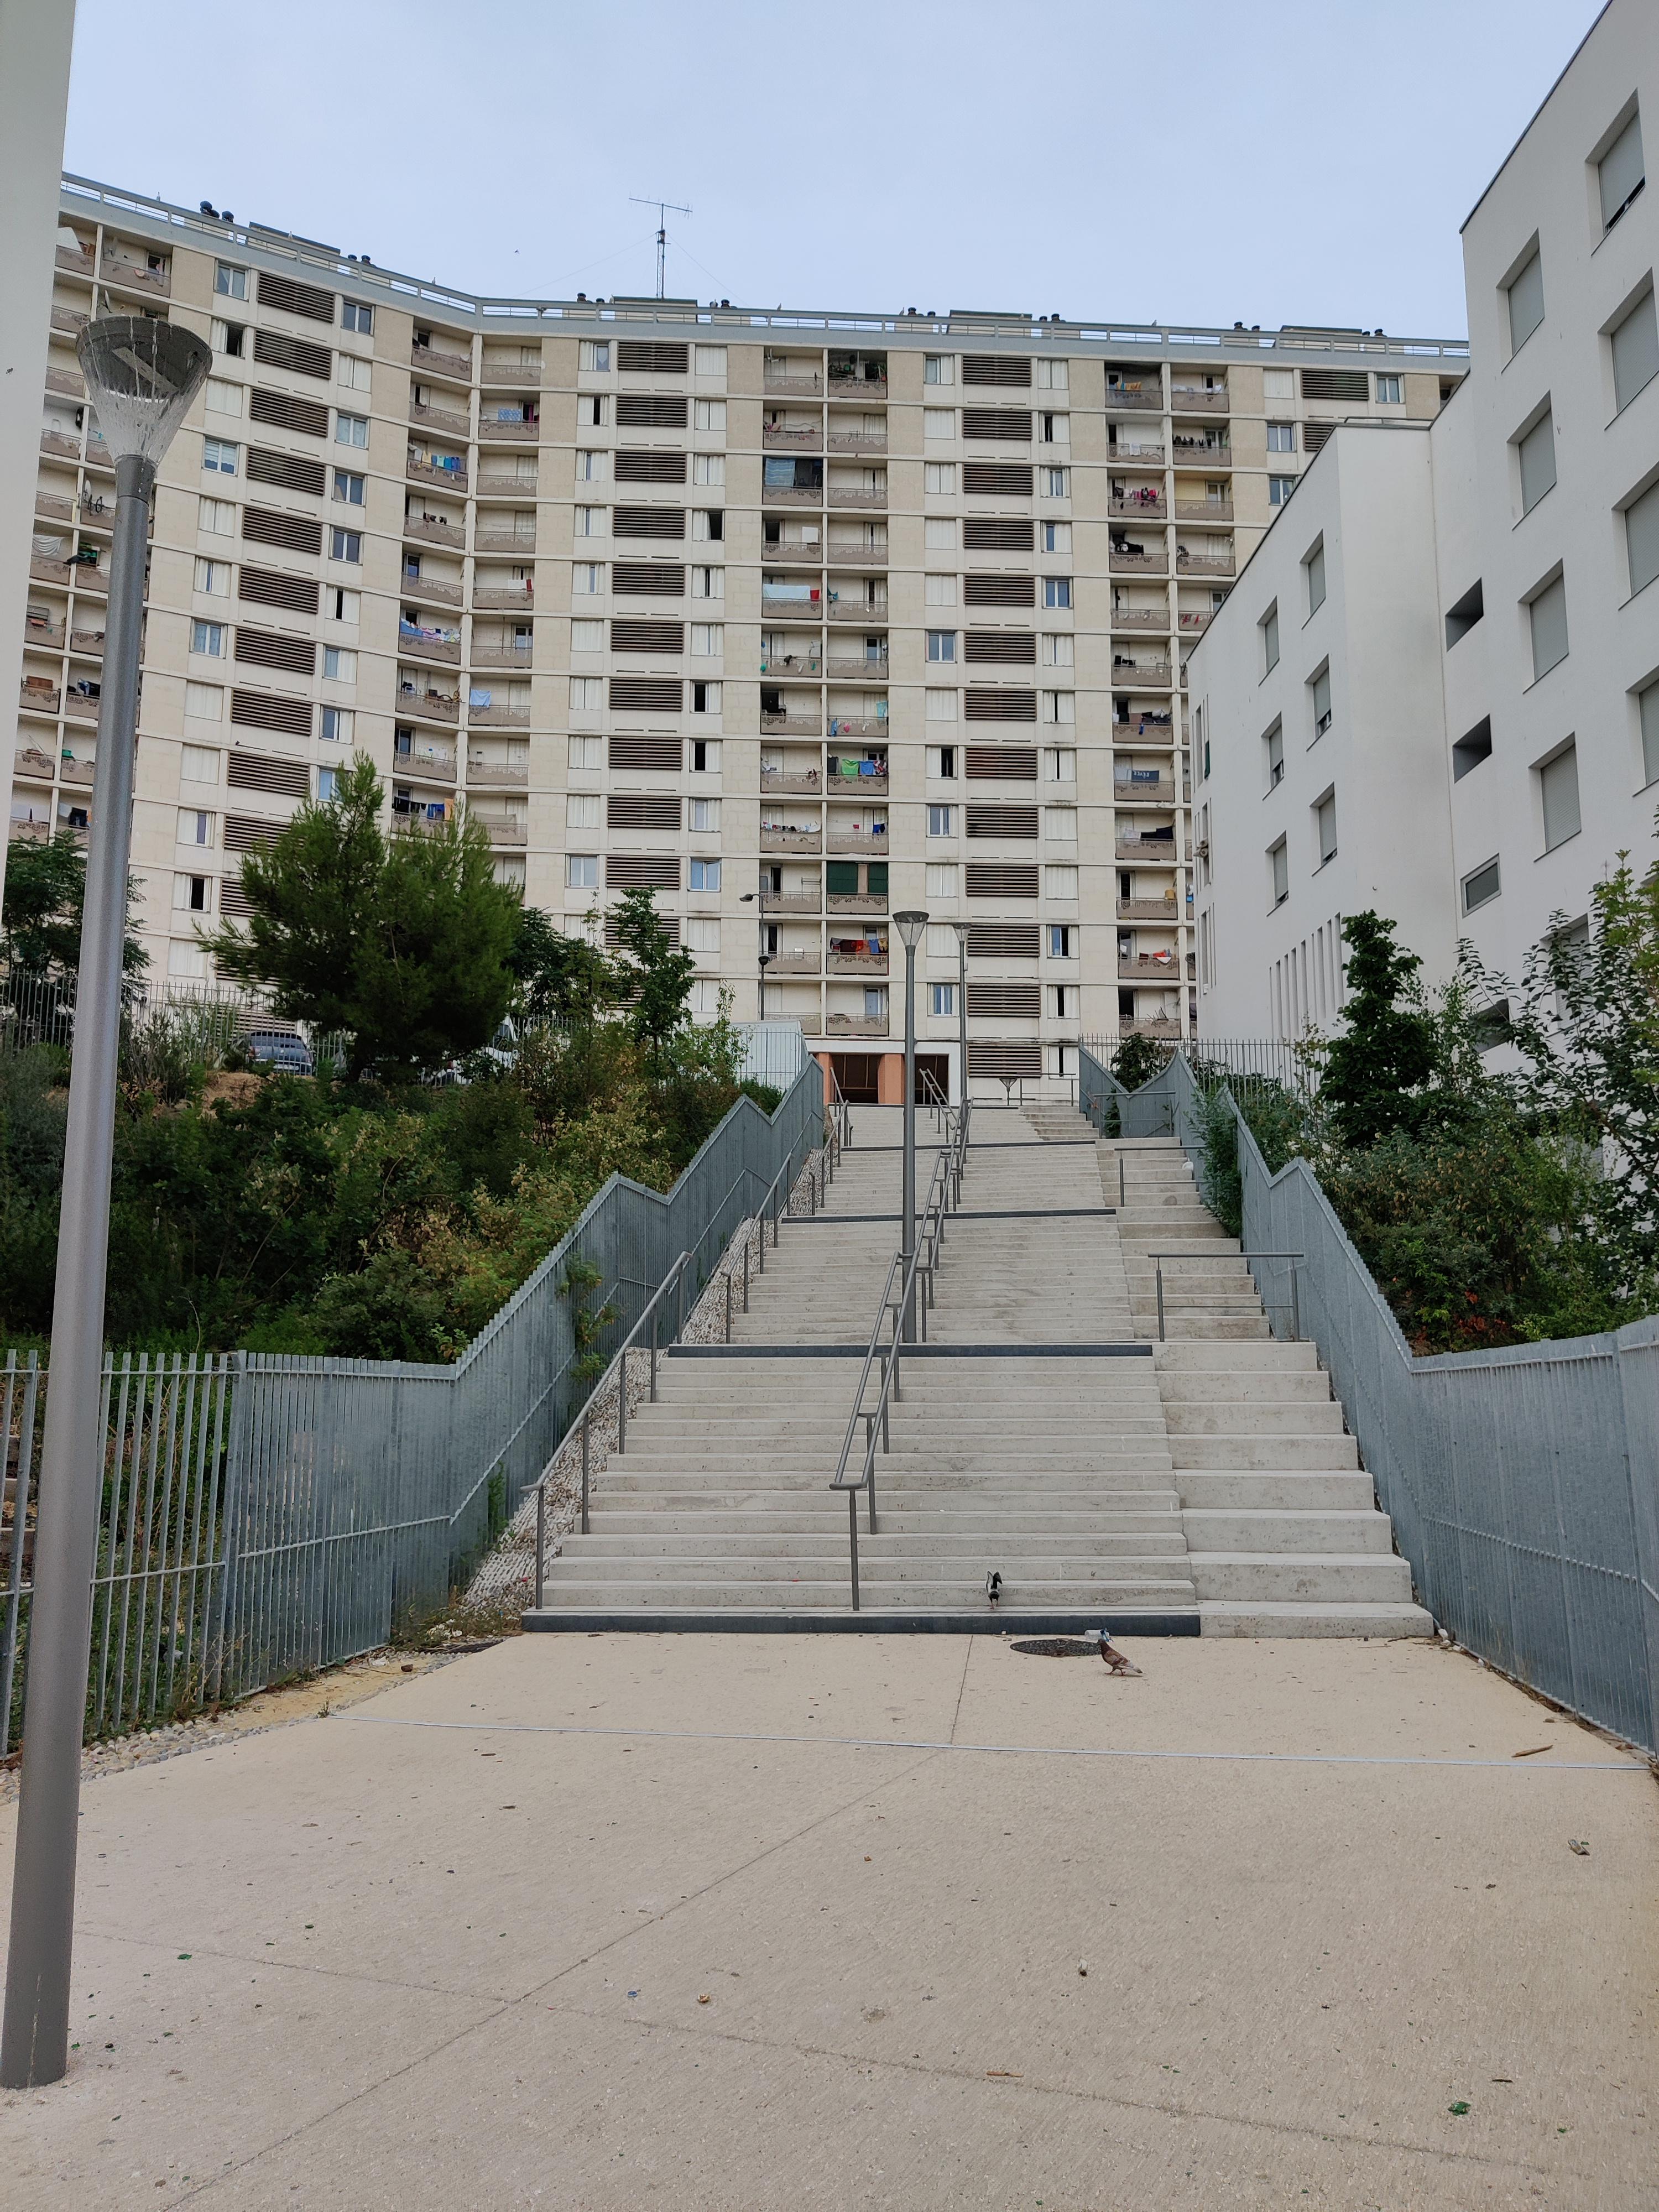 Chemin du retour cité de bellevue Massabielle Marseille